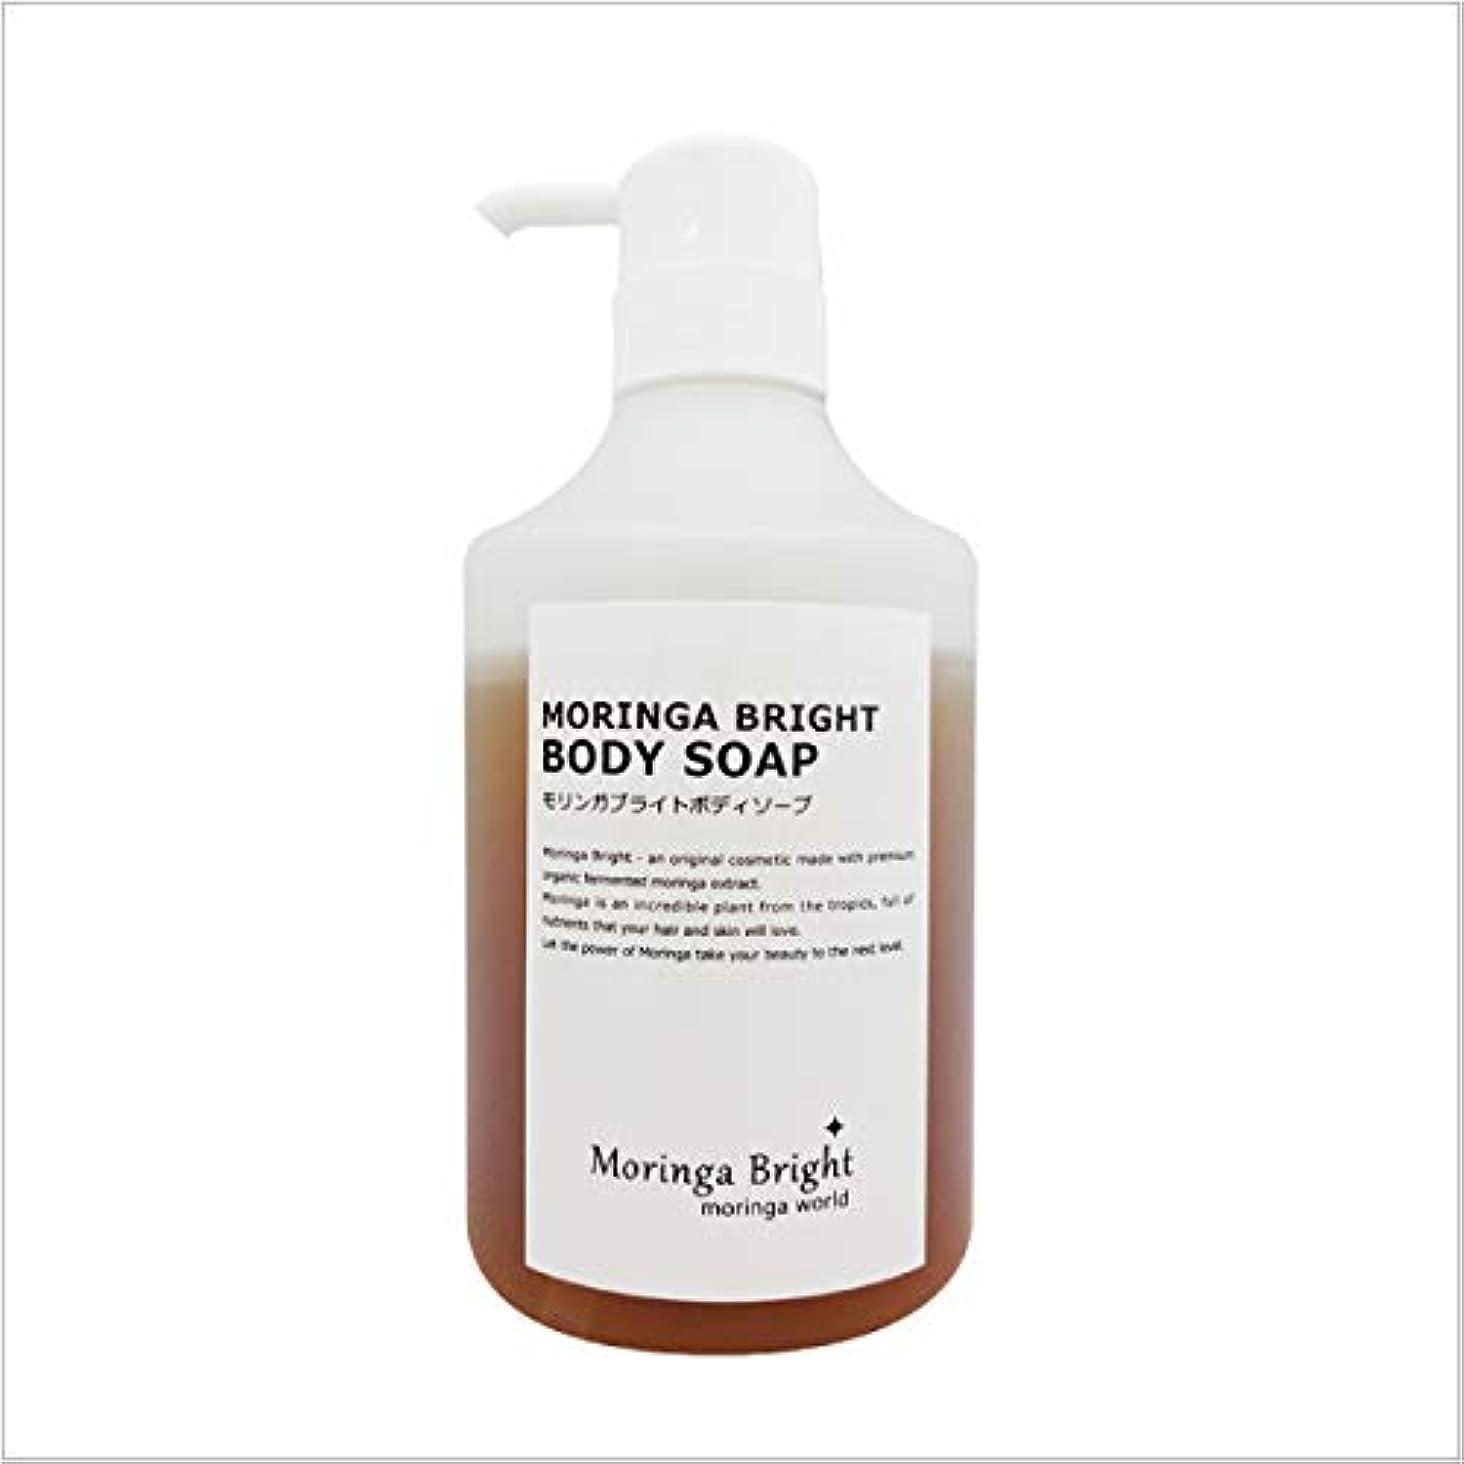 照らすハッチ研磨剤モリンガブライトボディソープ450ml 最上級の無添加ボディ&洗顔ソープ 国内初の保湿美容成分『発酵モリンガエキス』配合